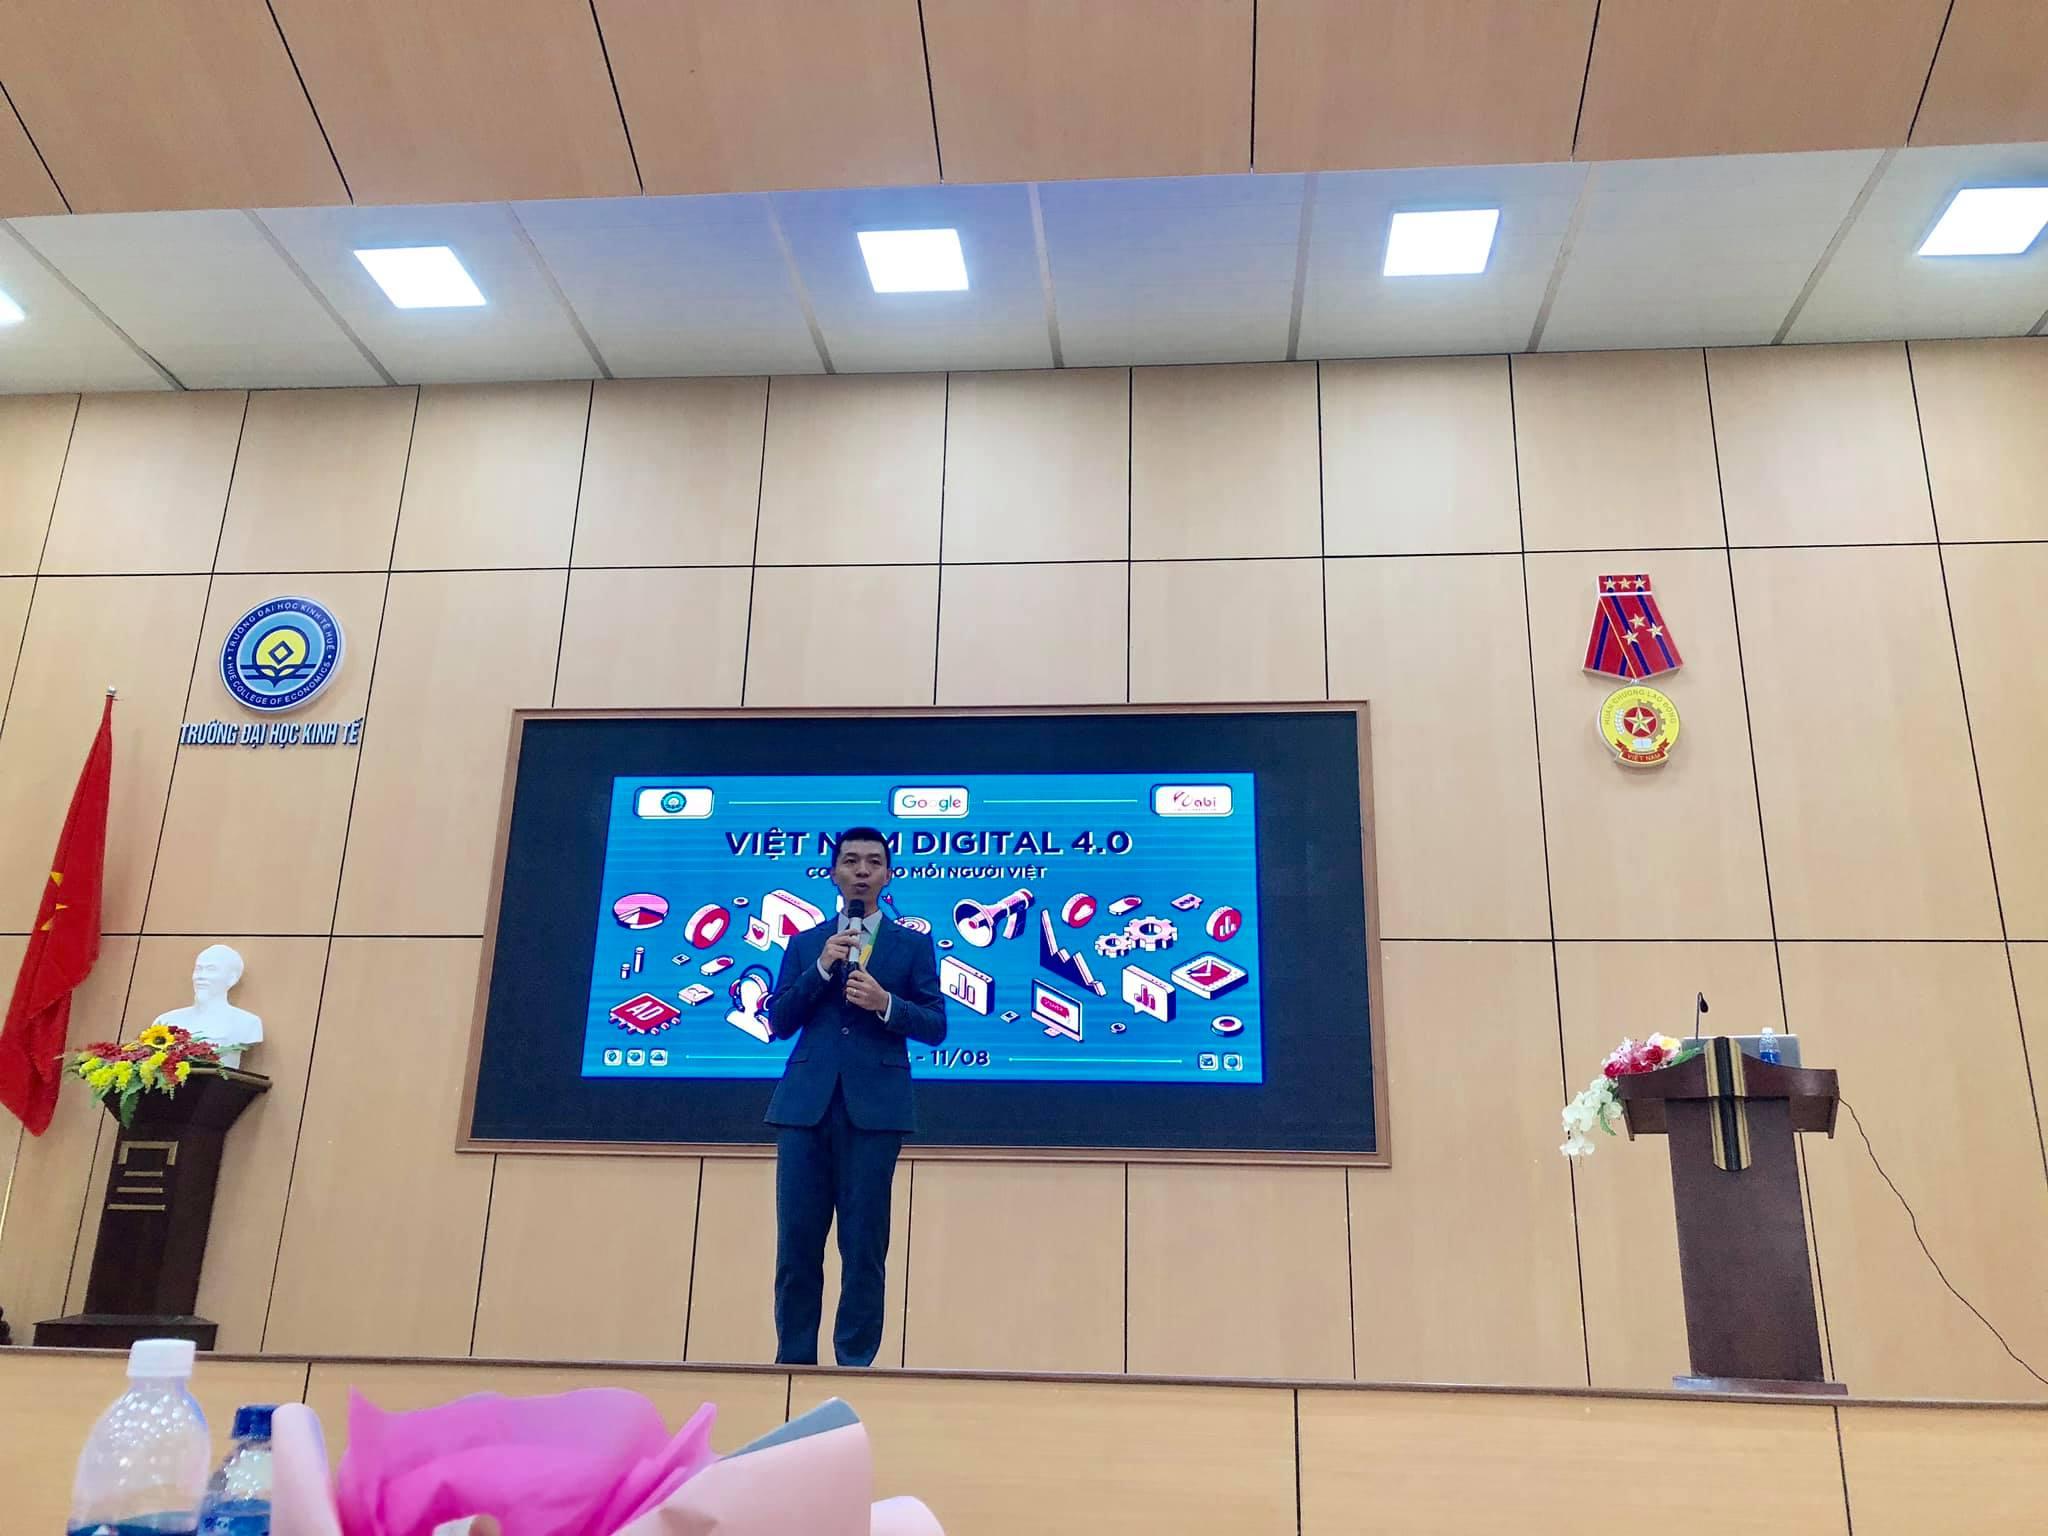 OABI tổ chức chương trình Vietnam Digital 4.0 cùng GOOGLE & trường ĐH Kinh Tế 5